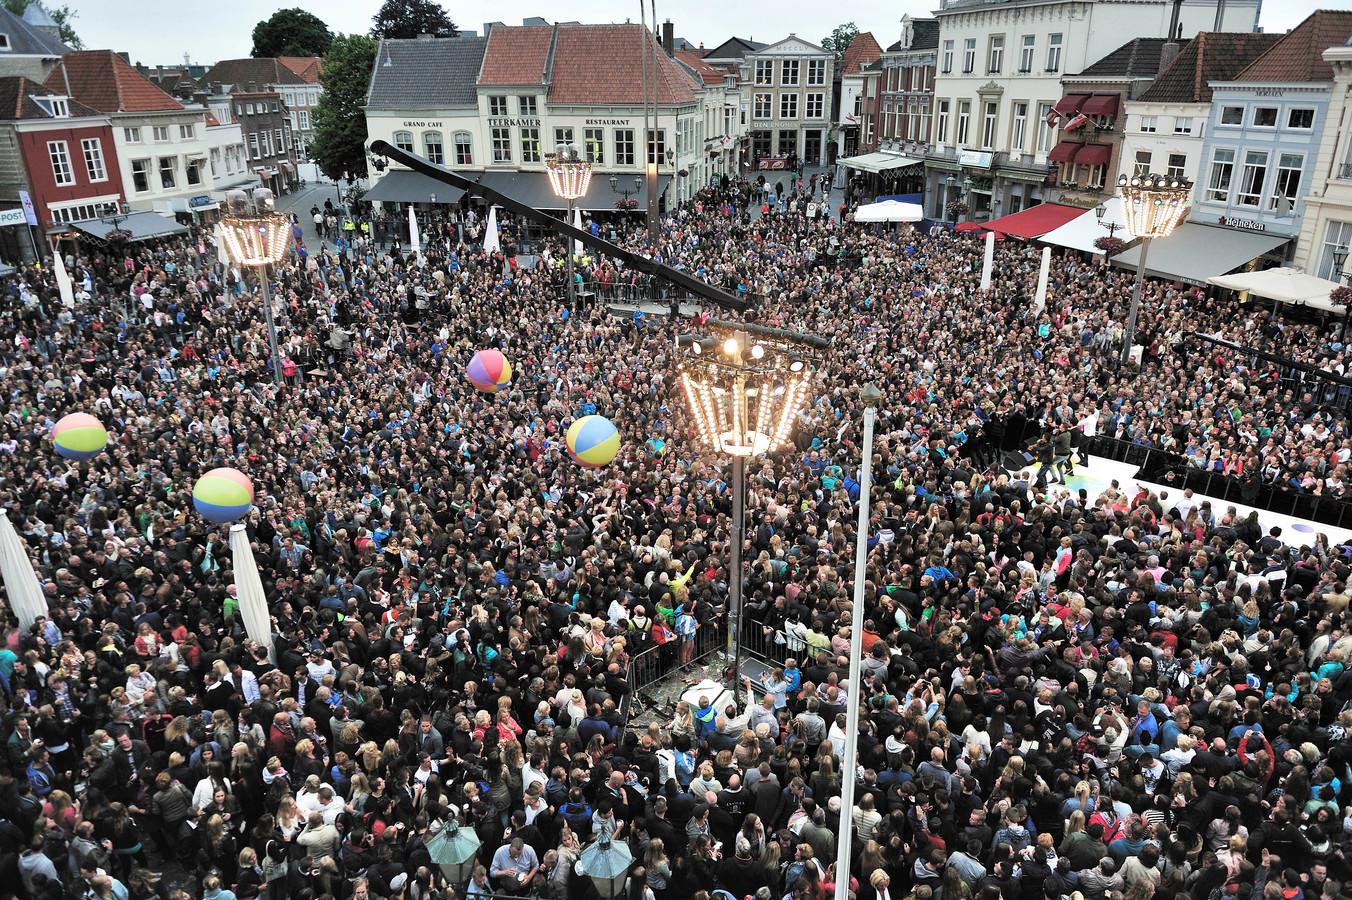 Bij het Sterren Muziekfeest is grote belangstelling te verwachten, zoals hier in 2015 in Bergen op Zoom.